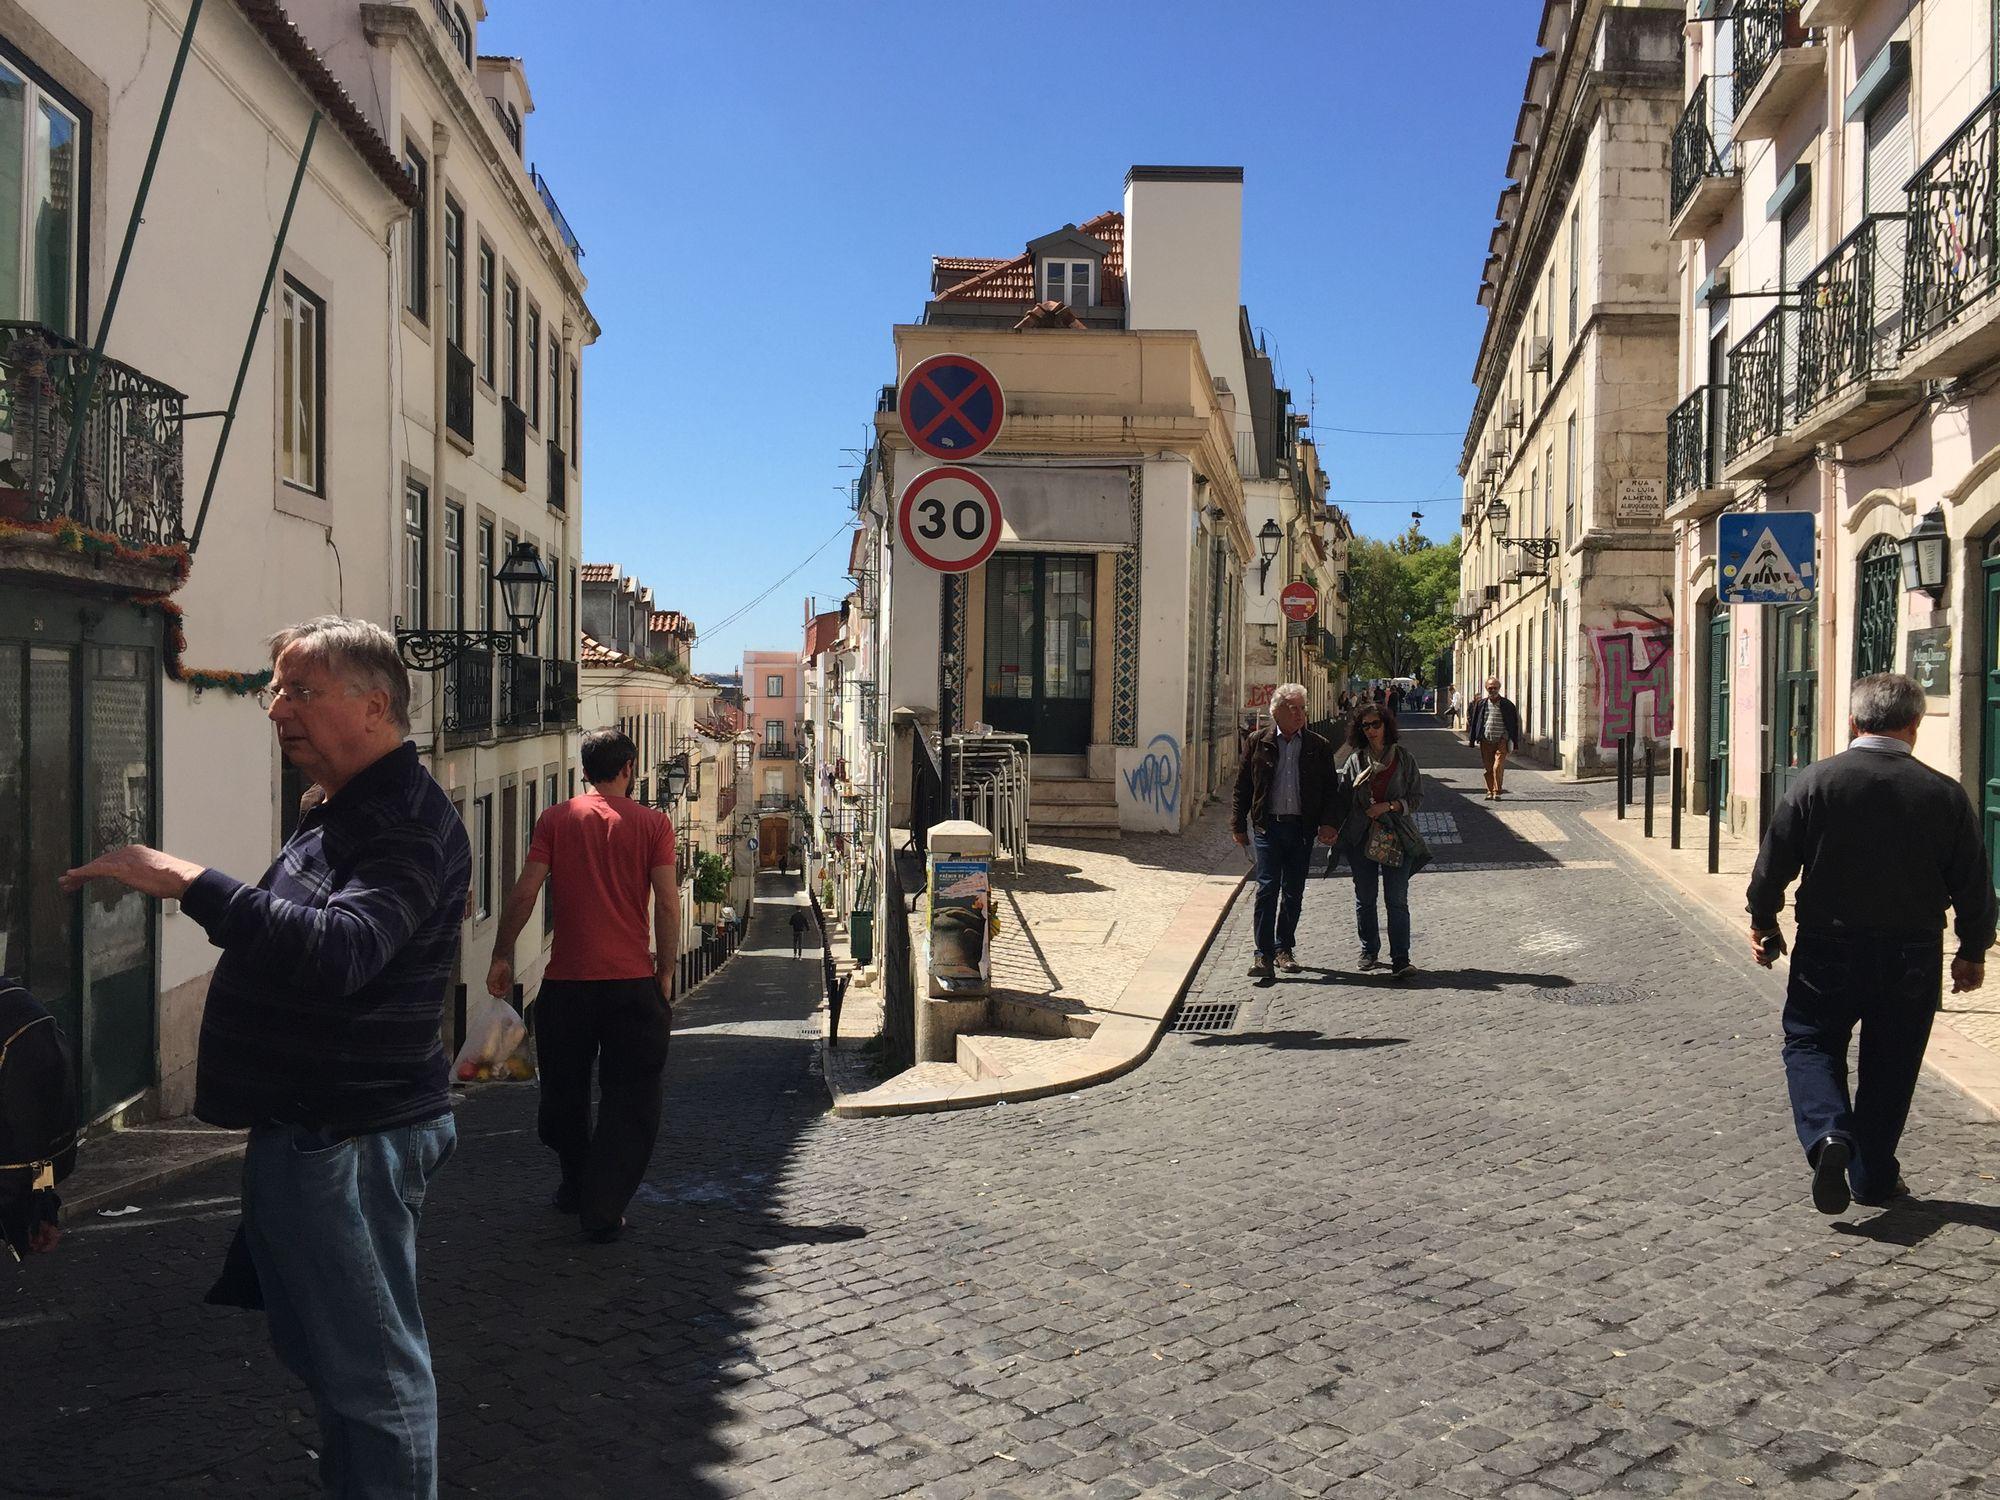 Lisbon, Portugal Street scene